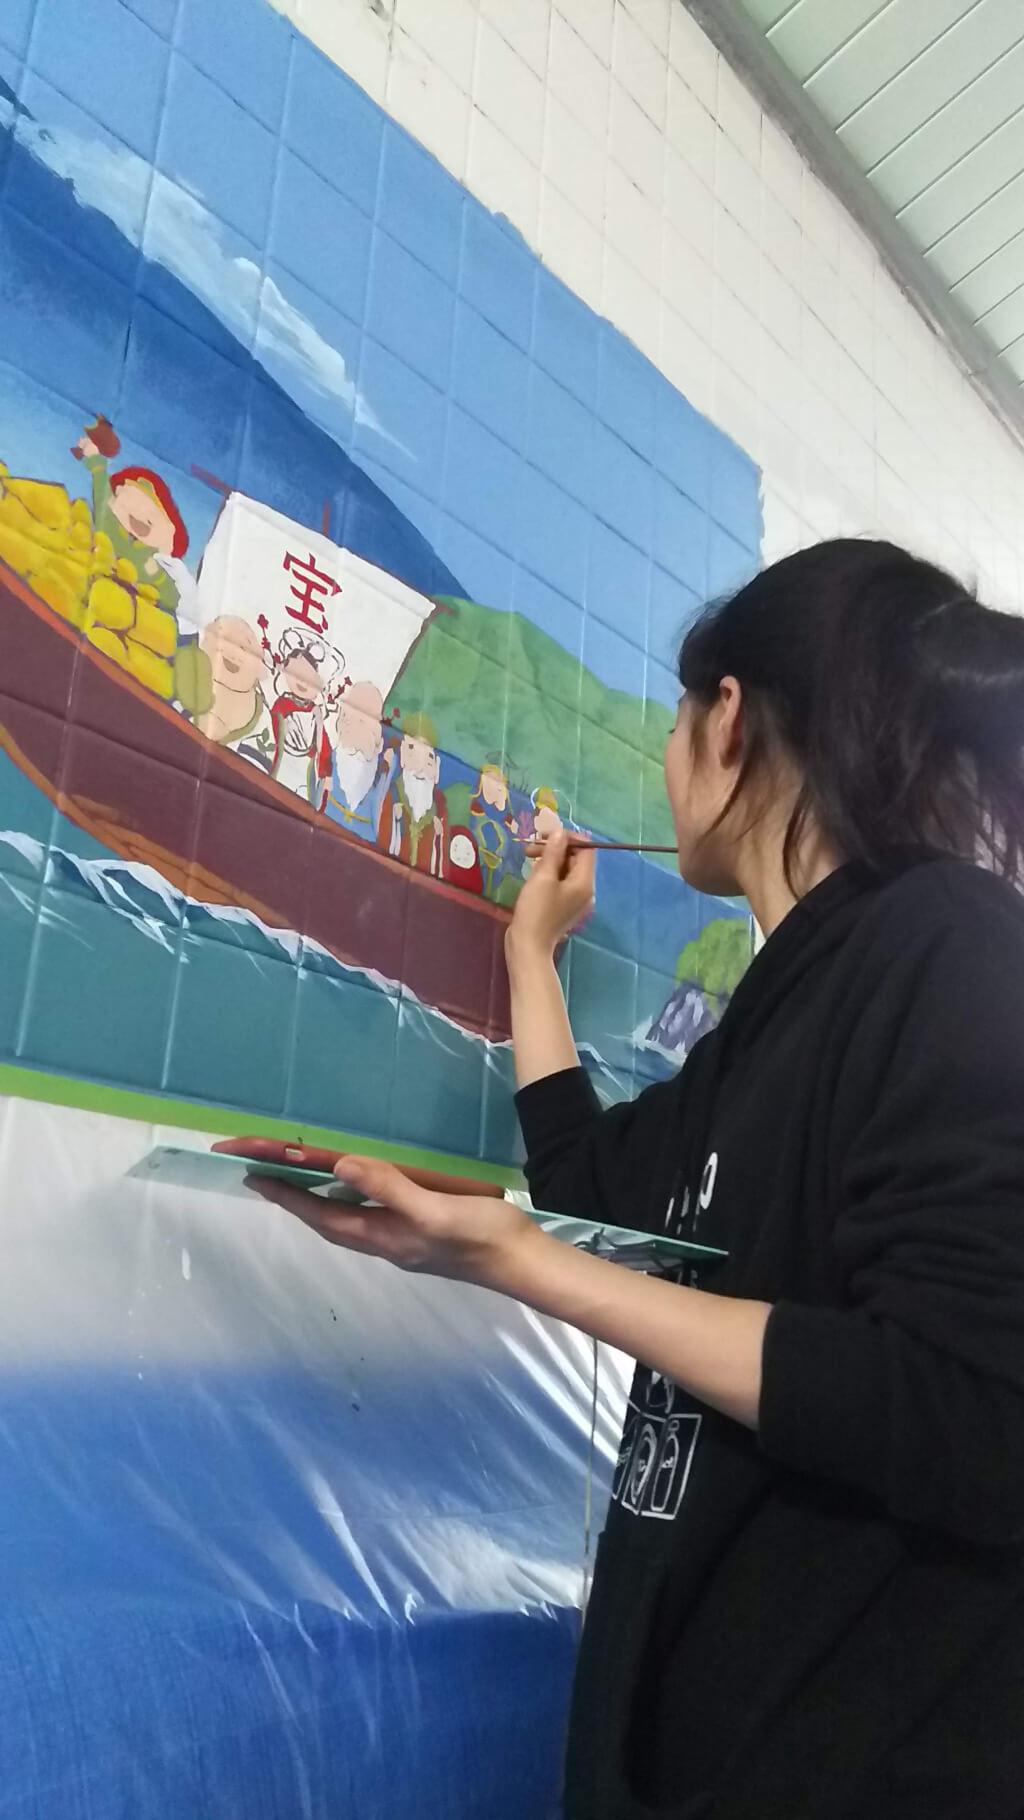 湯島ちょこ ライブ ペインティング 舟と 七福神 書き込み中